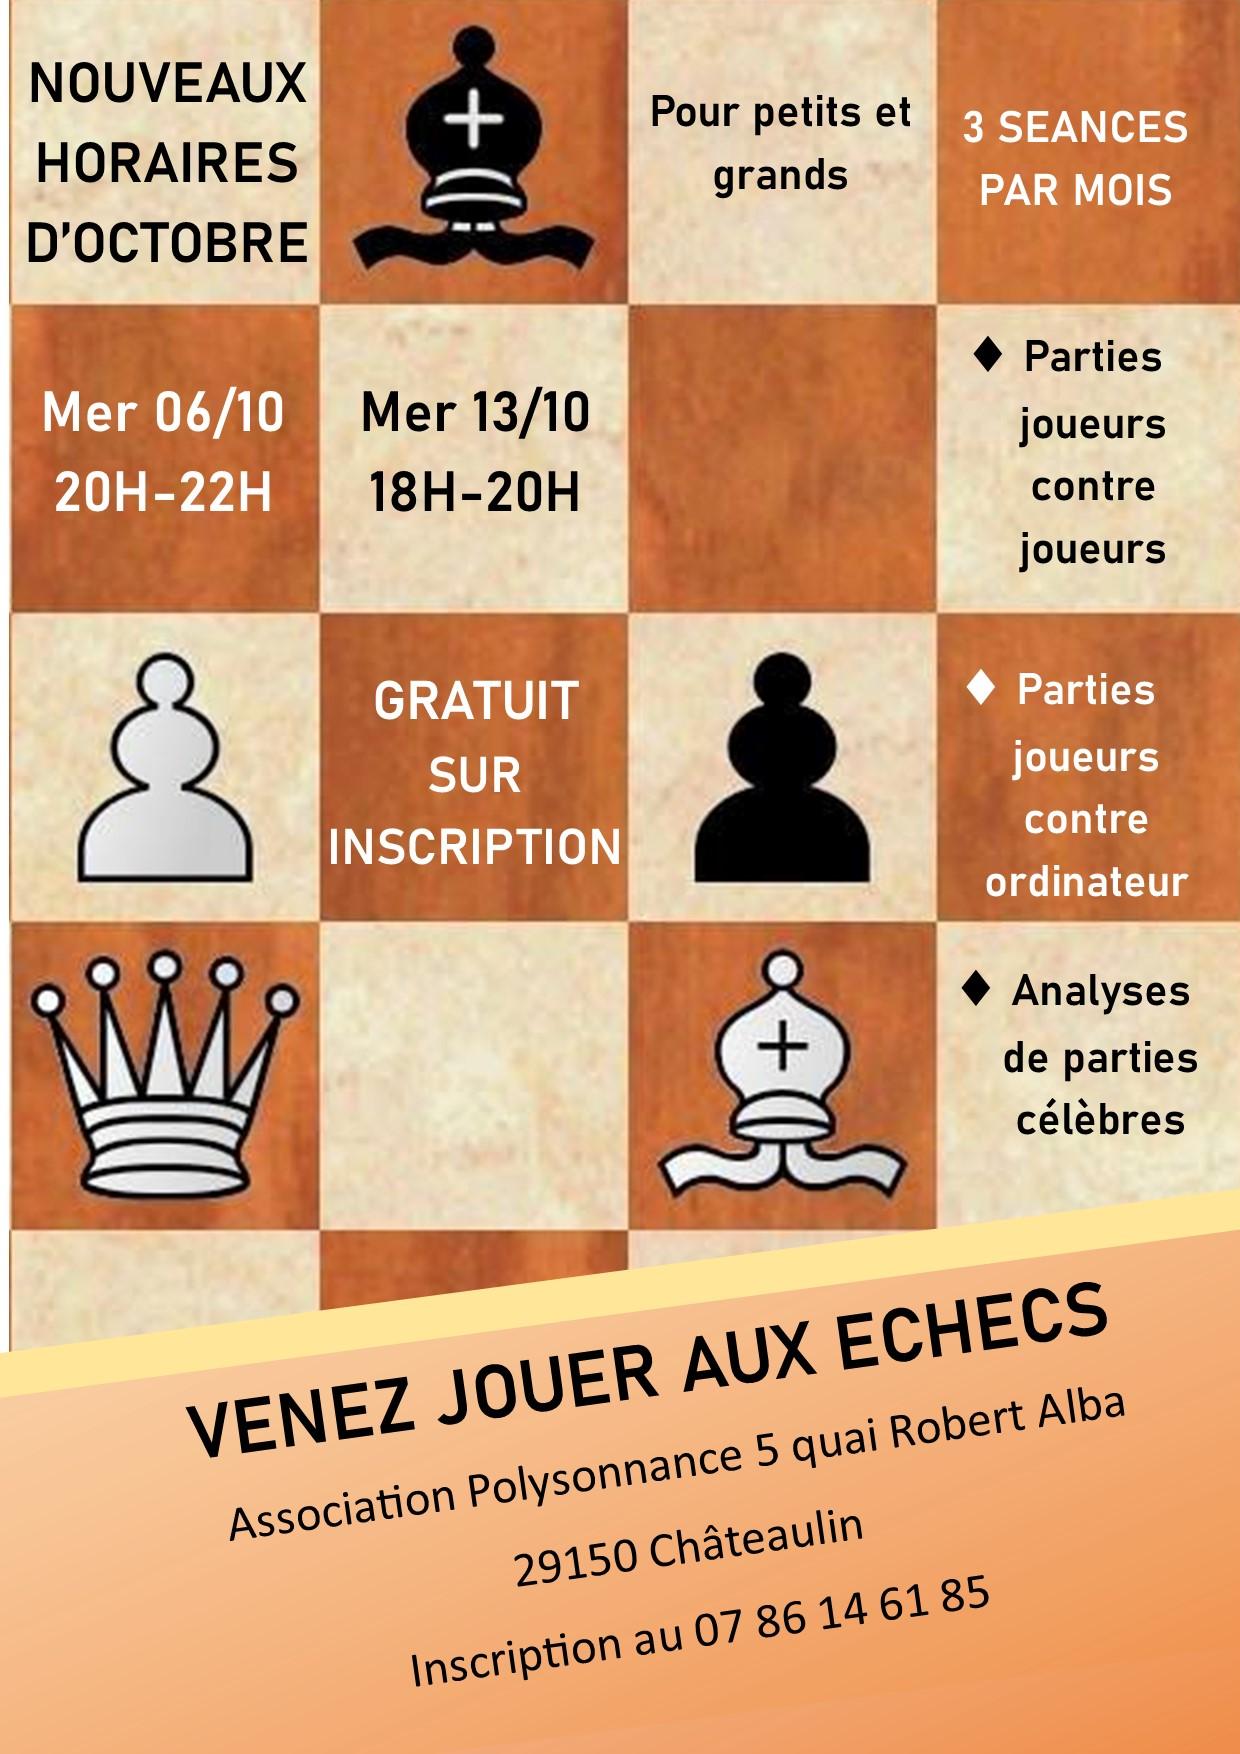 Les ateliers d'échecs continuent, de nouvelles dates pour octobre